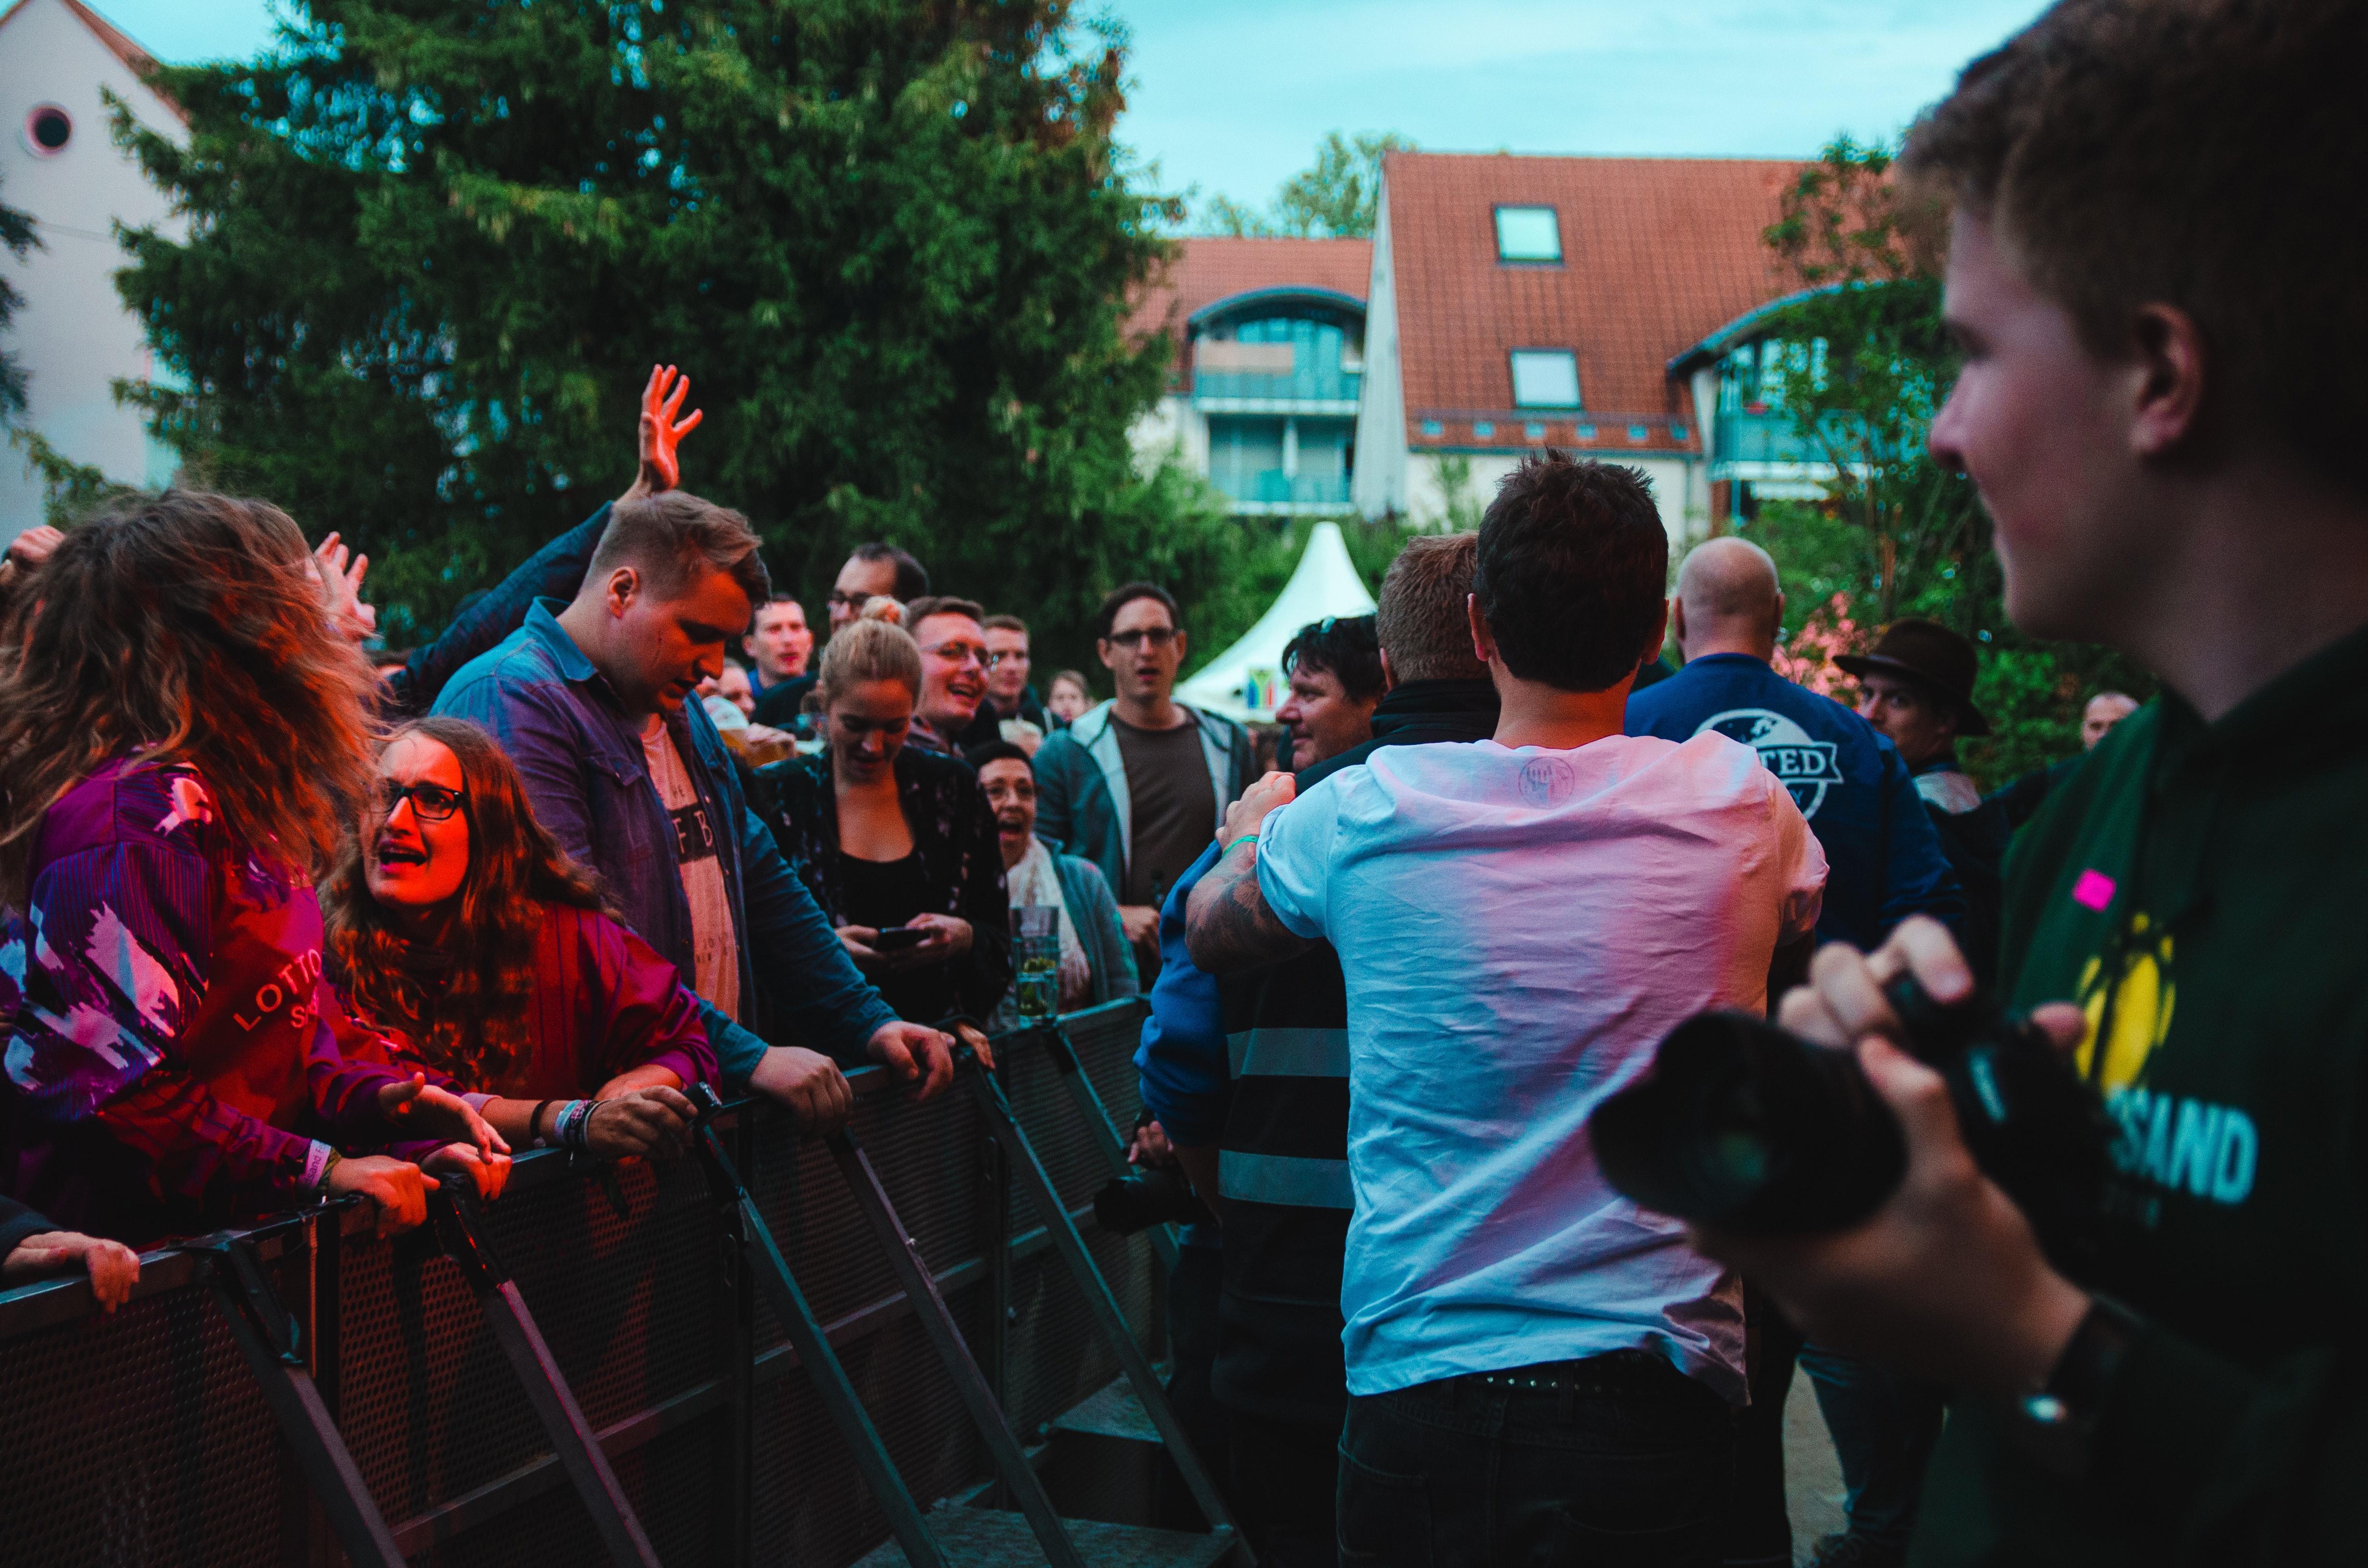 outdoor concert security